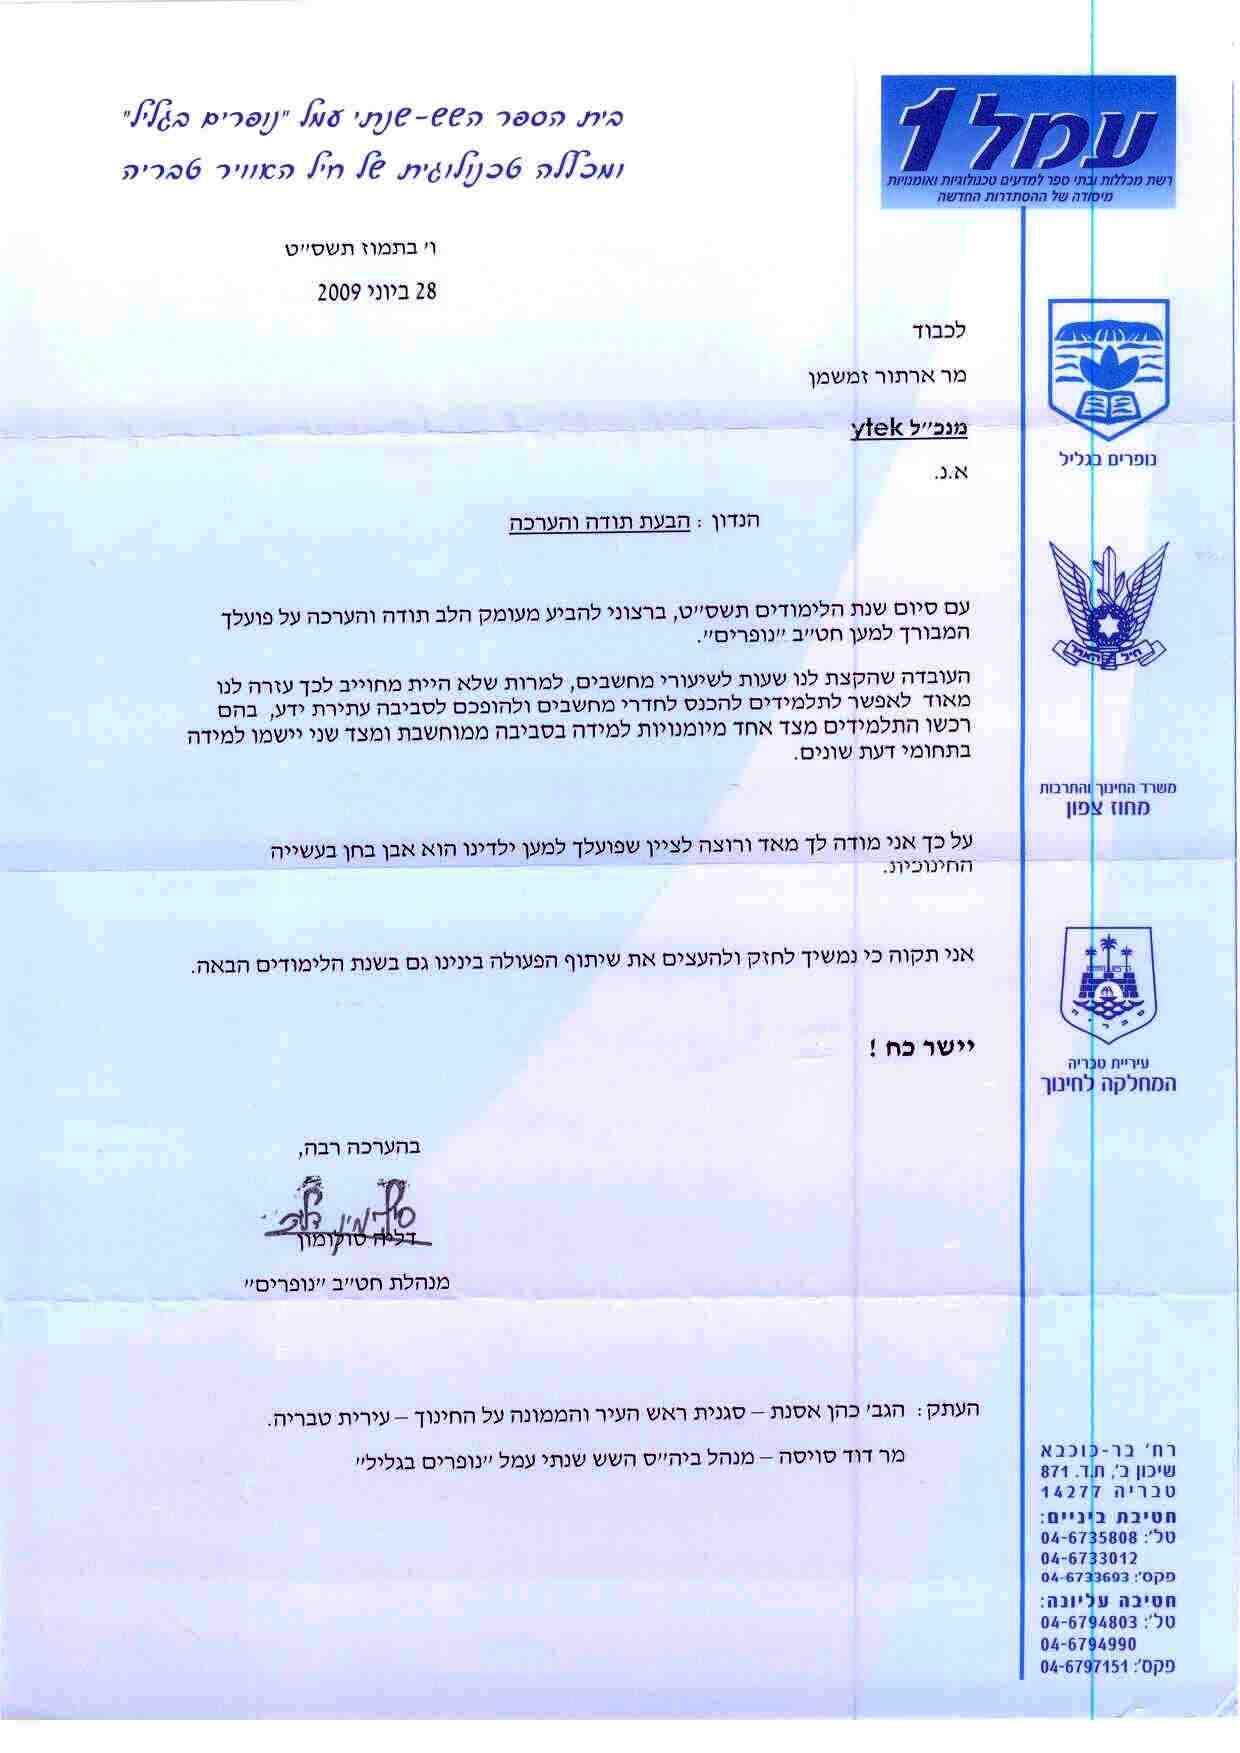 מכתב מעמל 2009